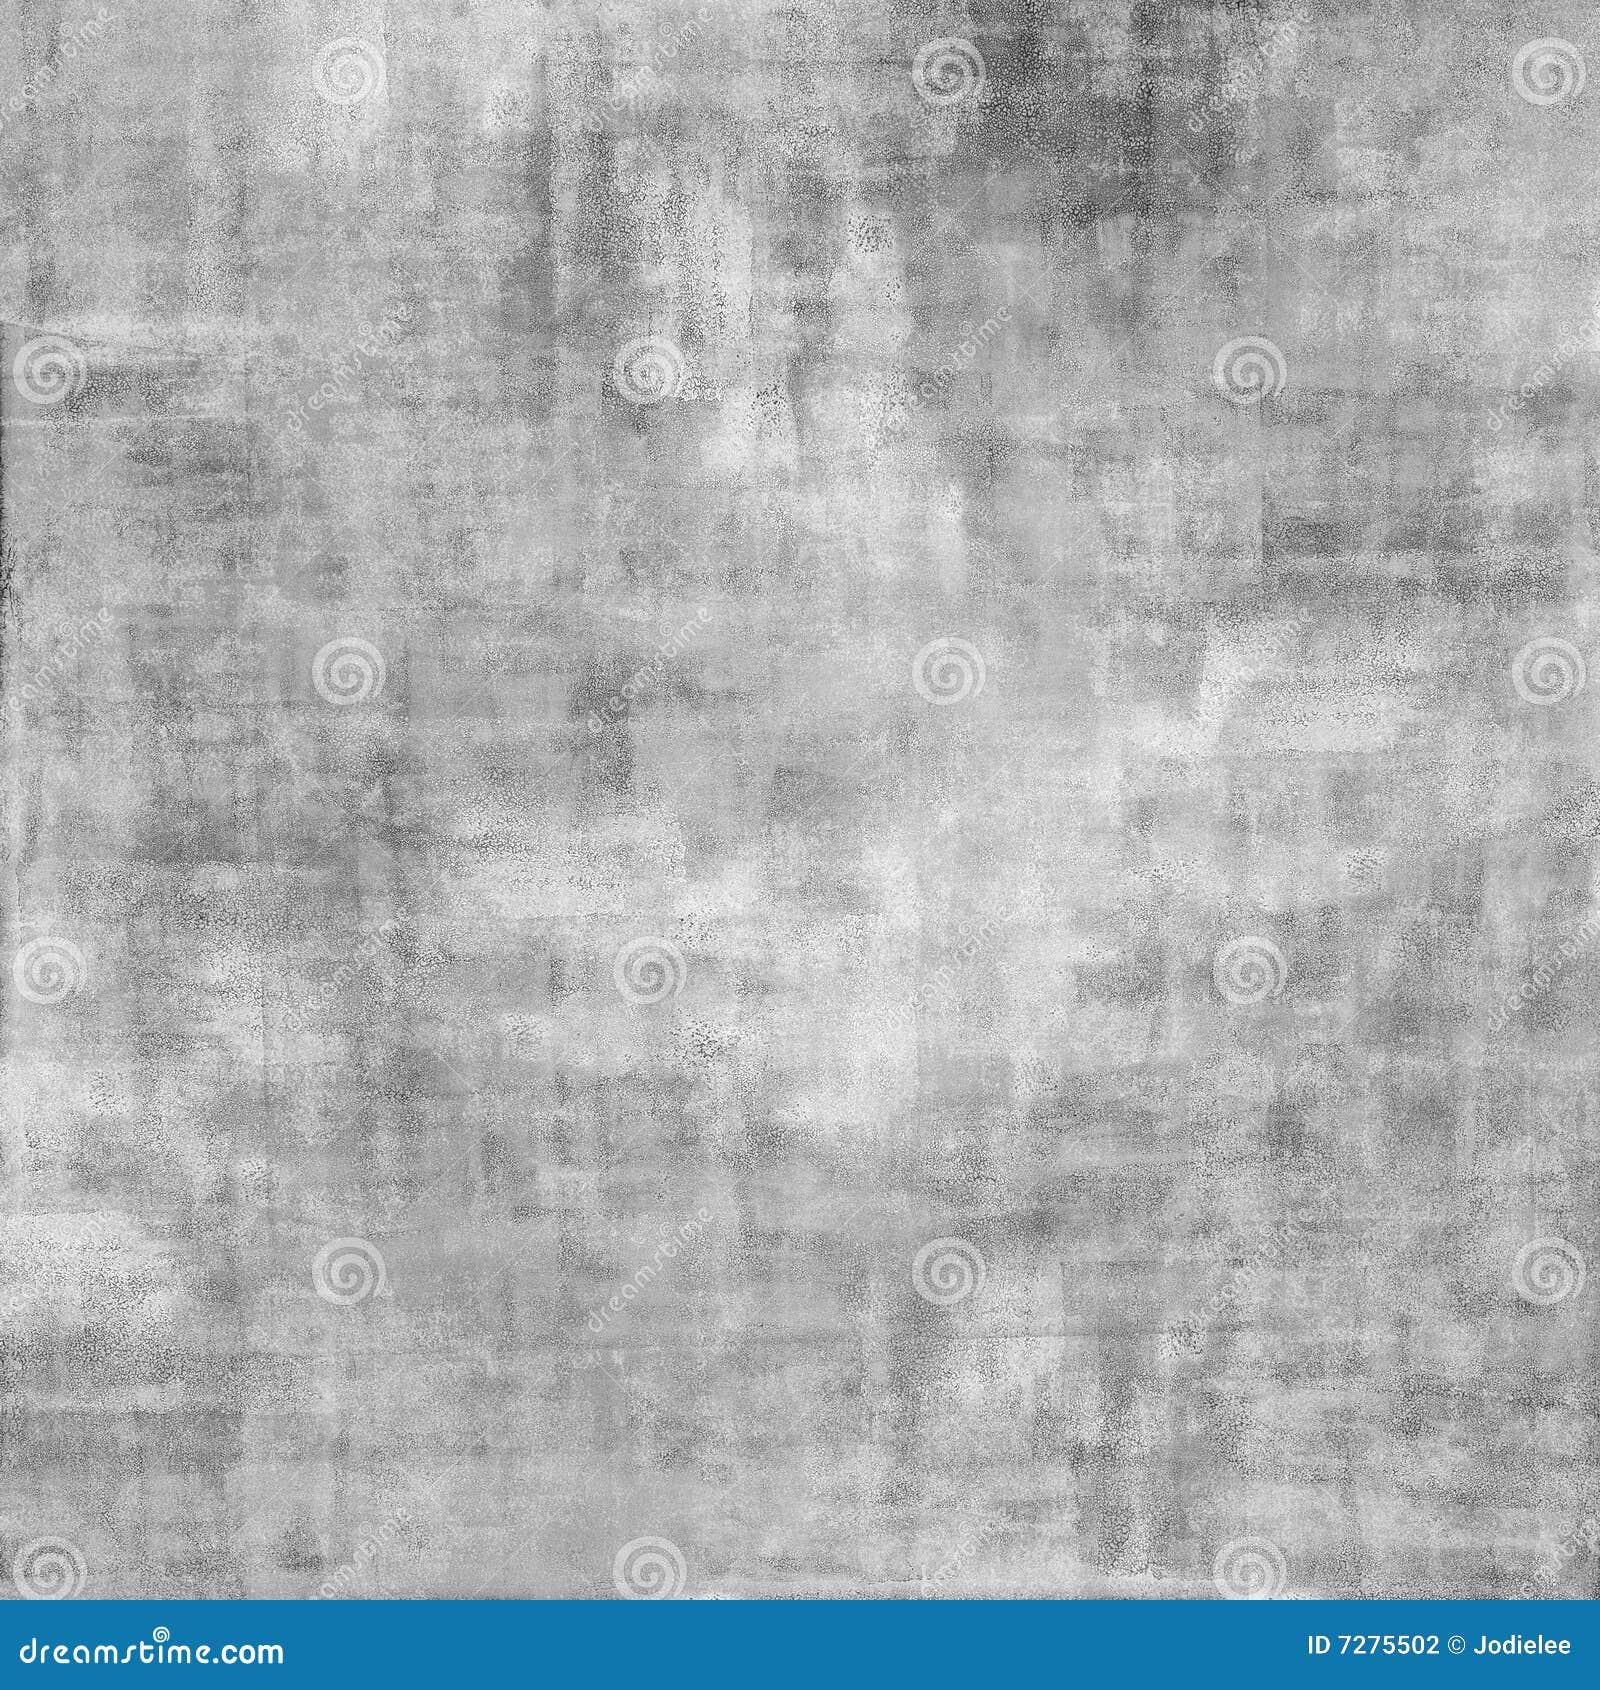 Painted Grunge Overlays Mask Stock Photo Image 7275502